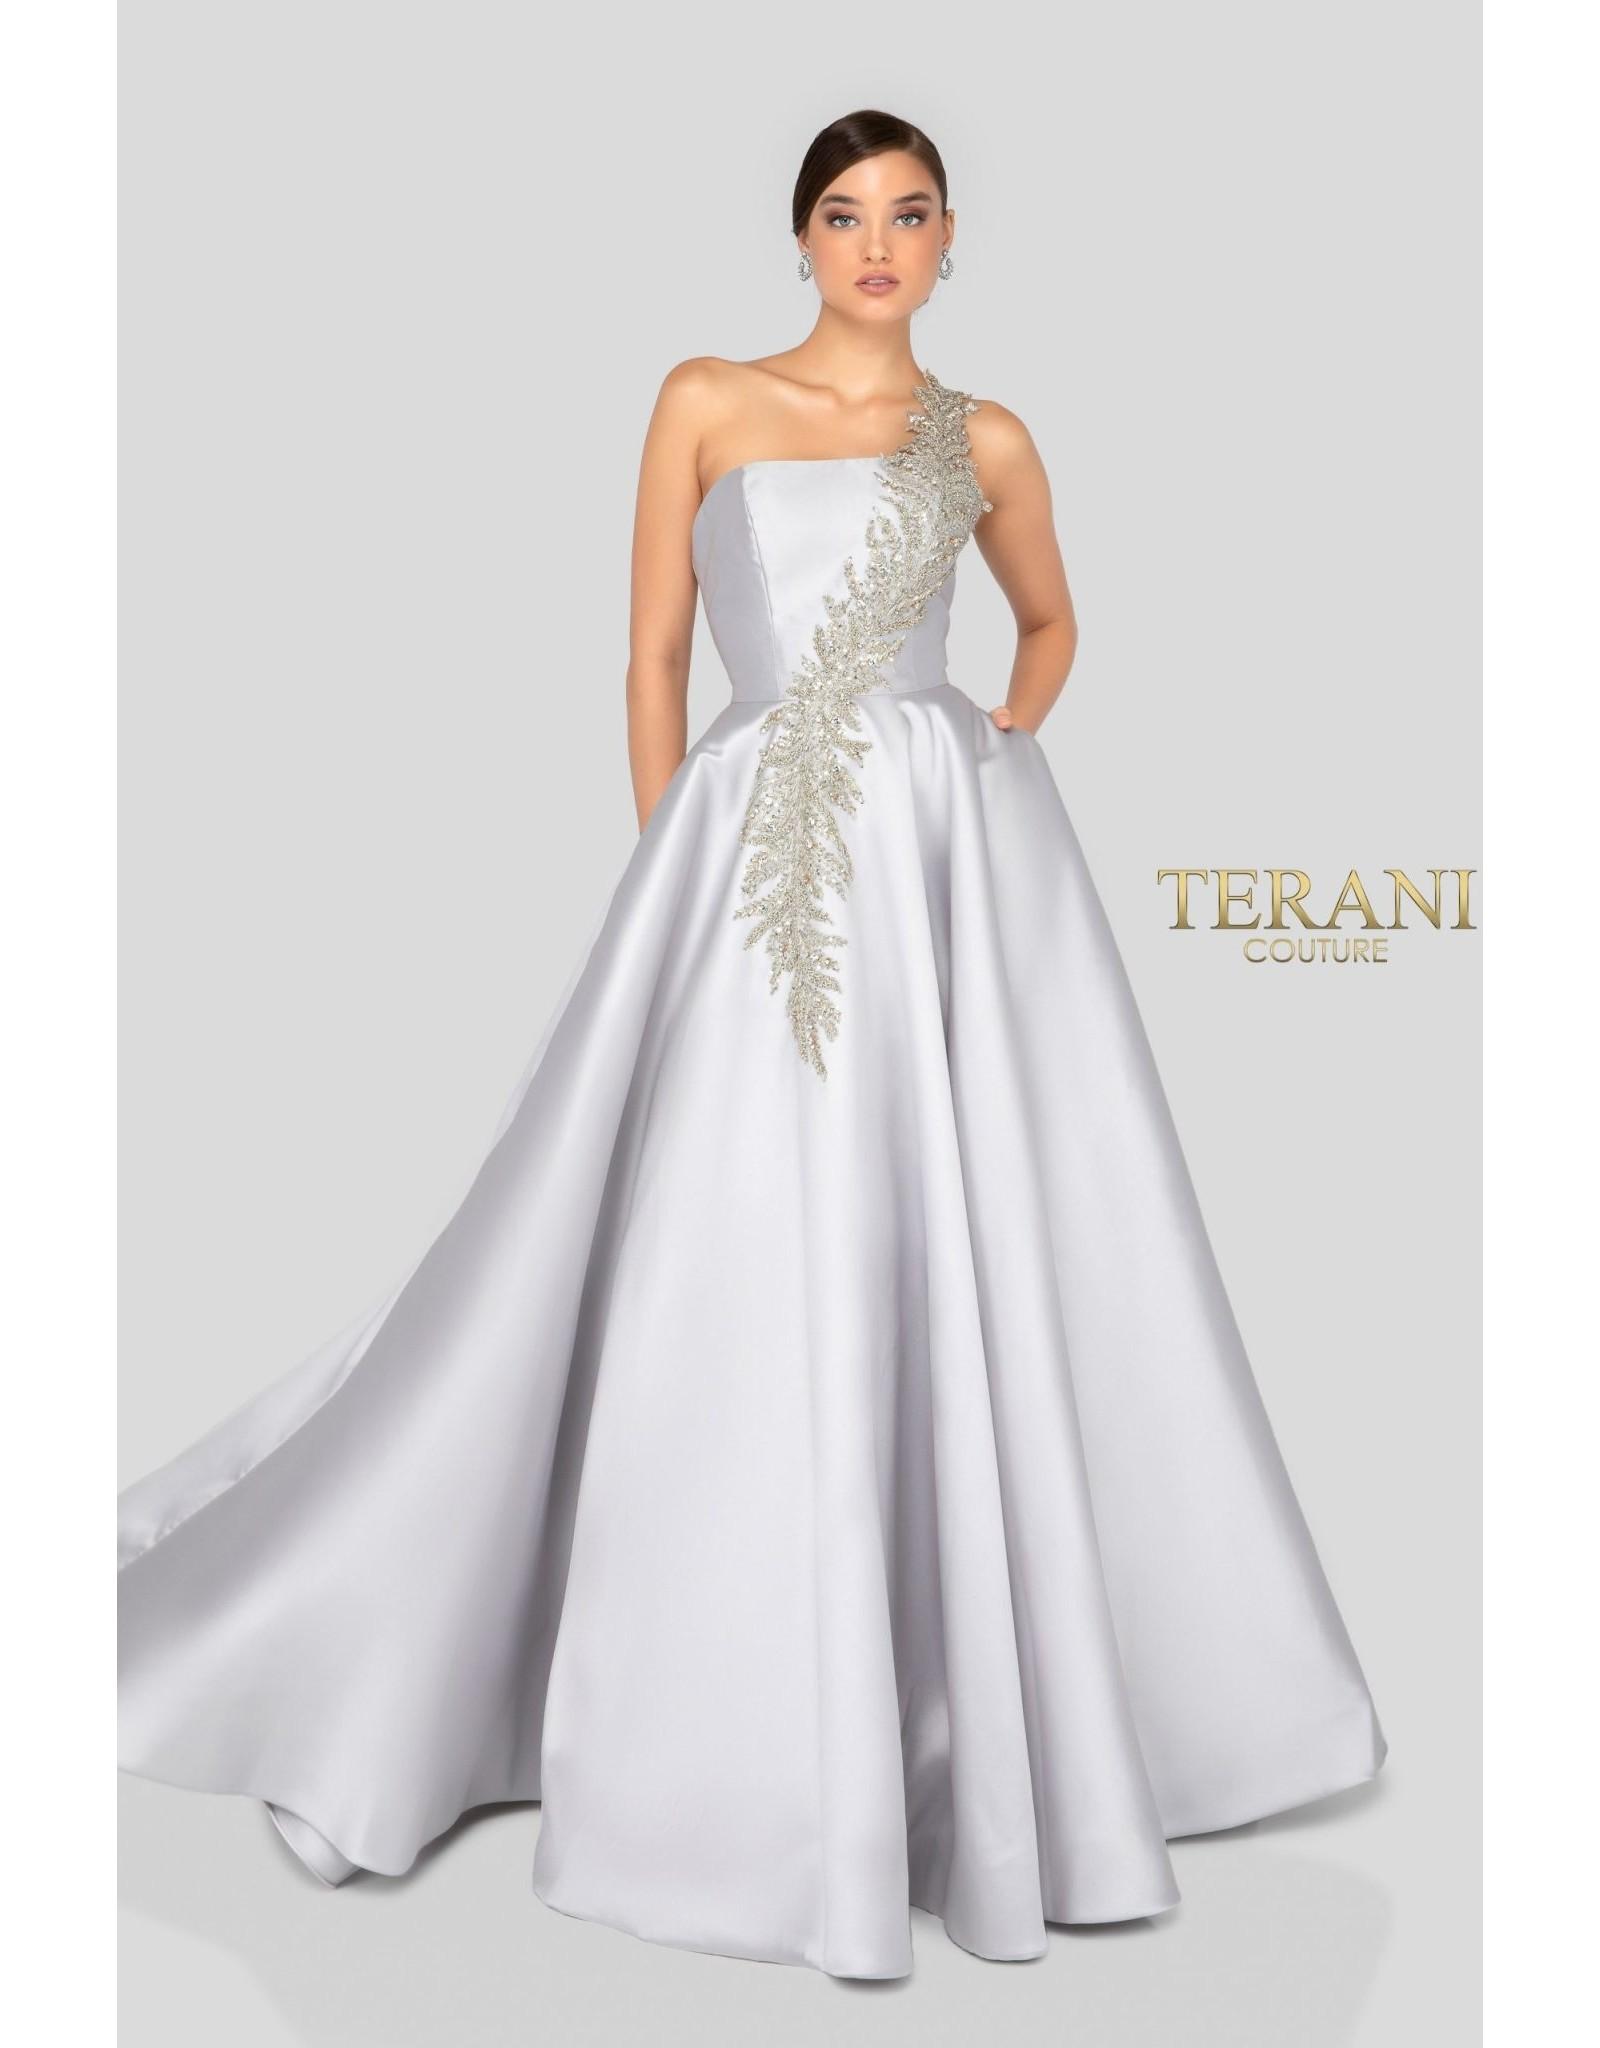 Terani 1912E9202 Terani Dresses